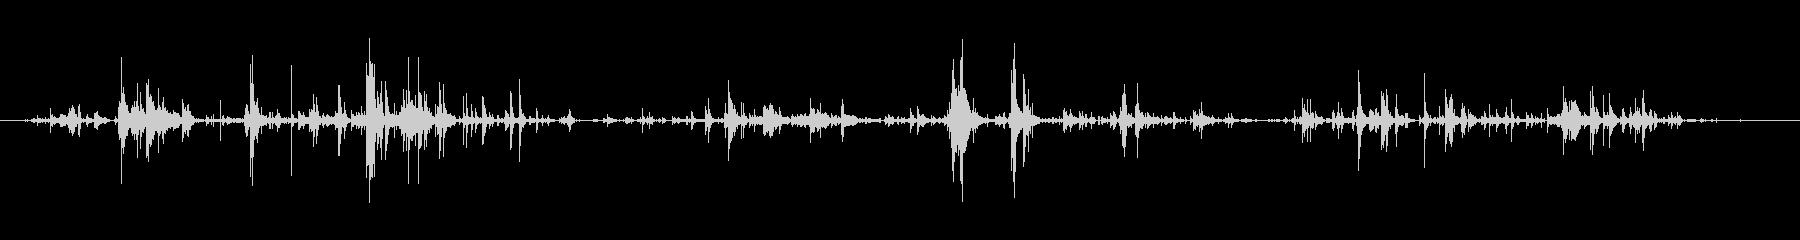 キーホルダーのチャリチャリ音7モノラルの未再生の波形